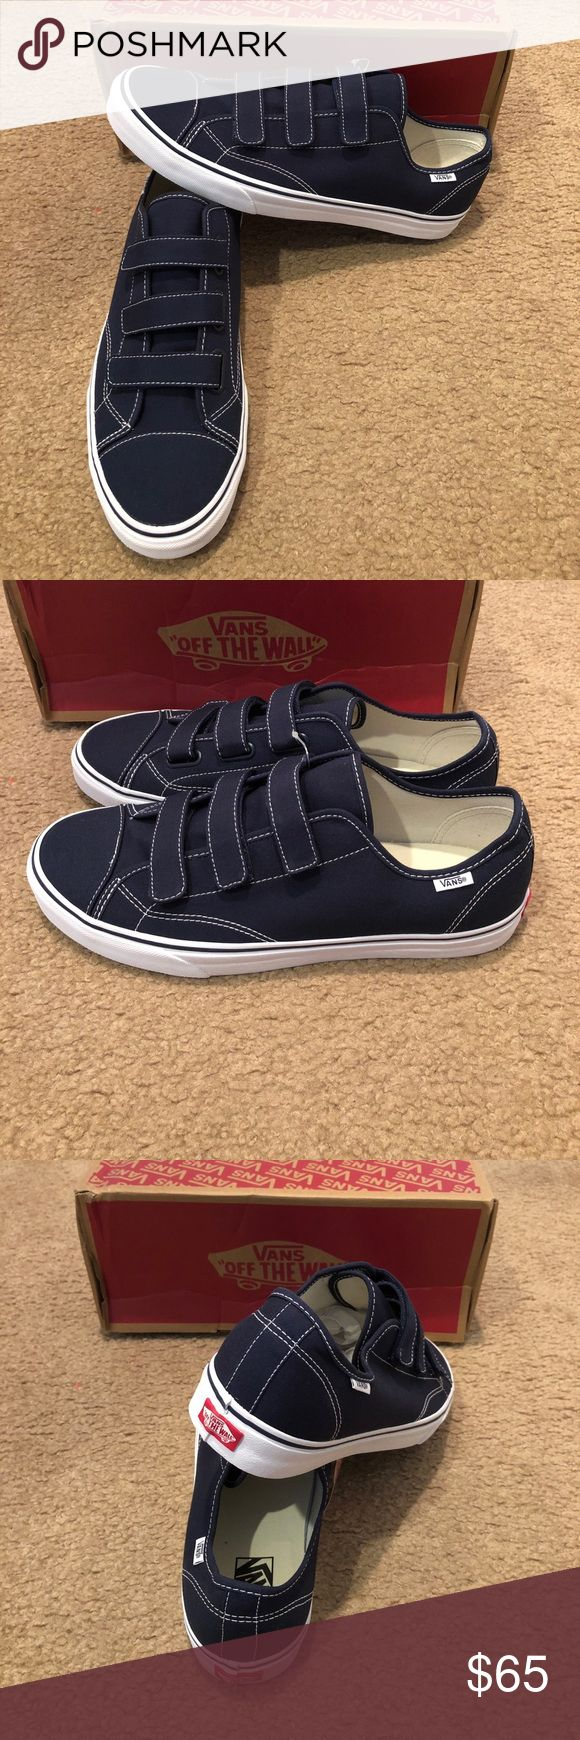 Vans otw palomar textile shoes blue white dress